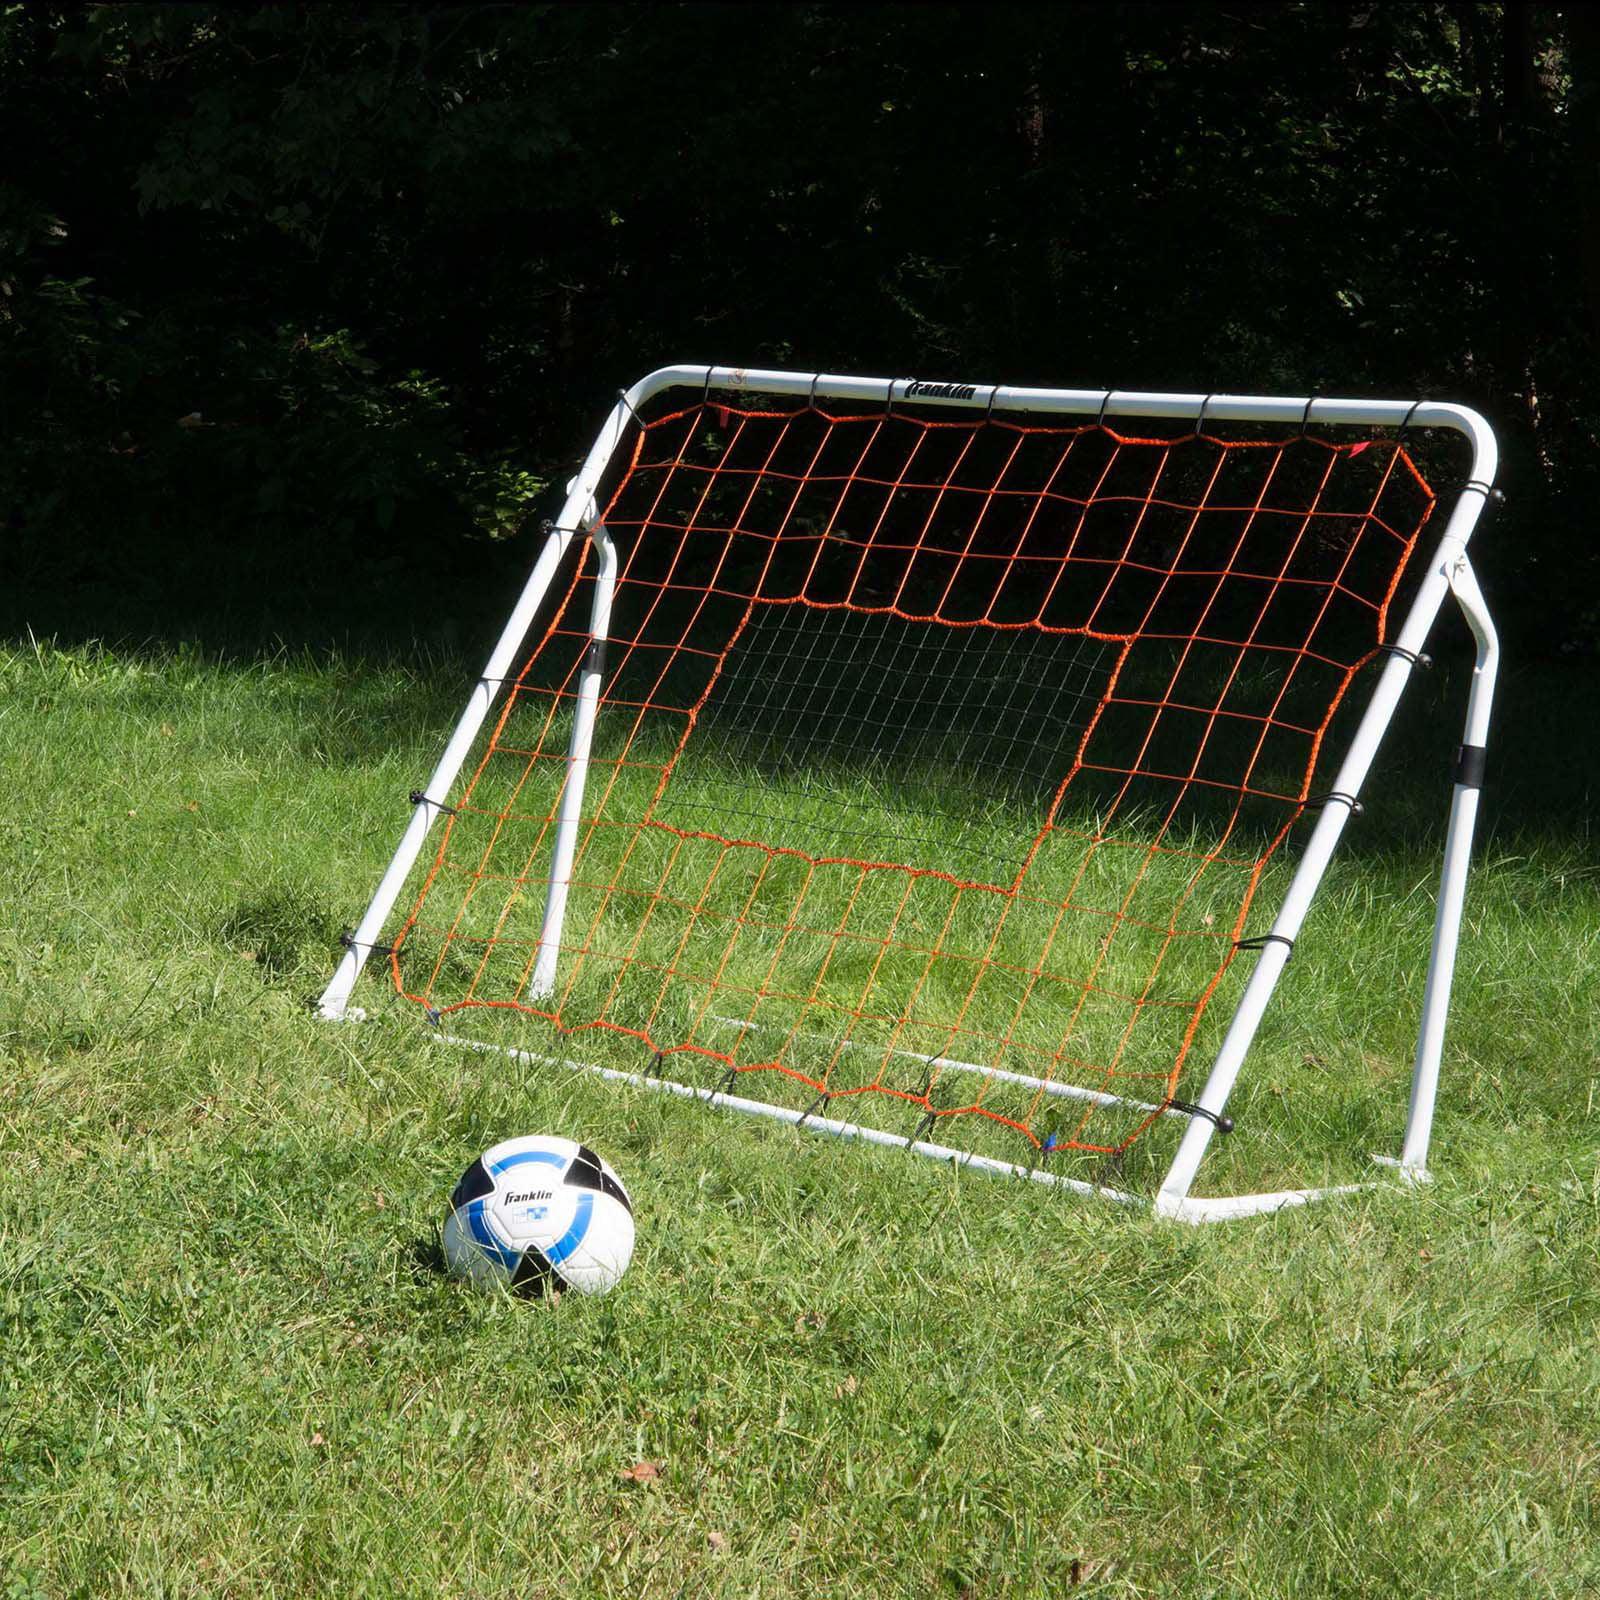 Franklin Sports Adjustable Soccer Rebounder by Overstock